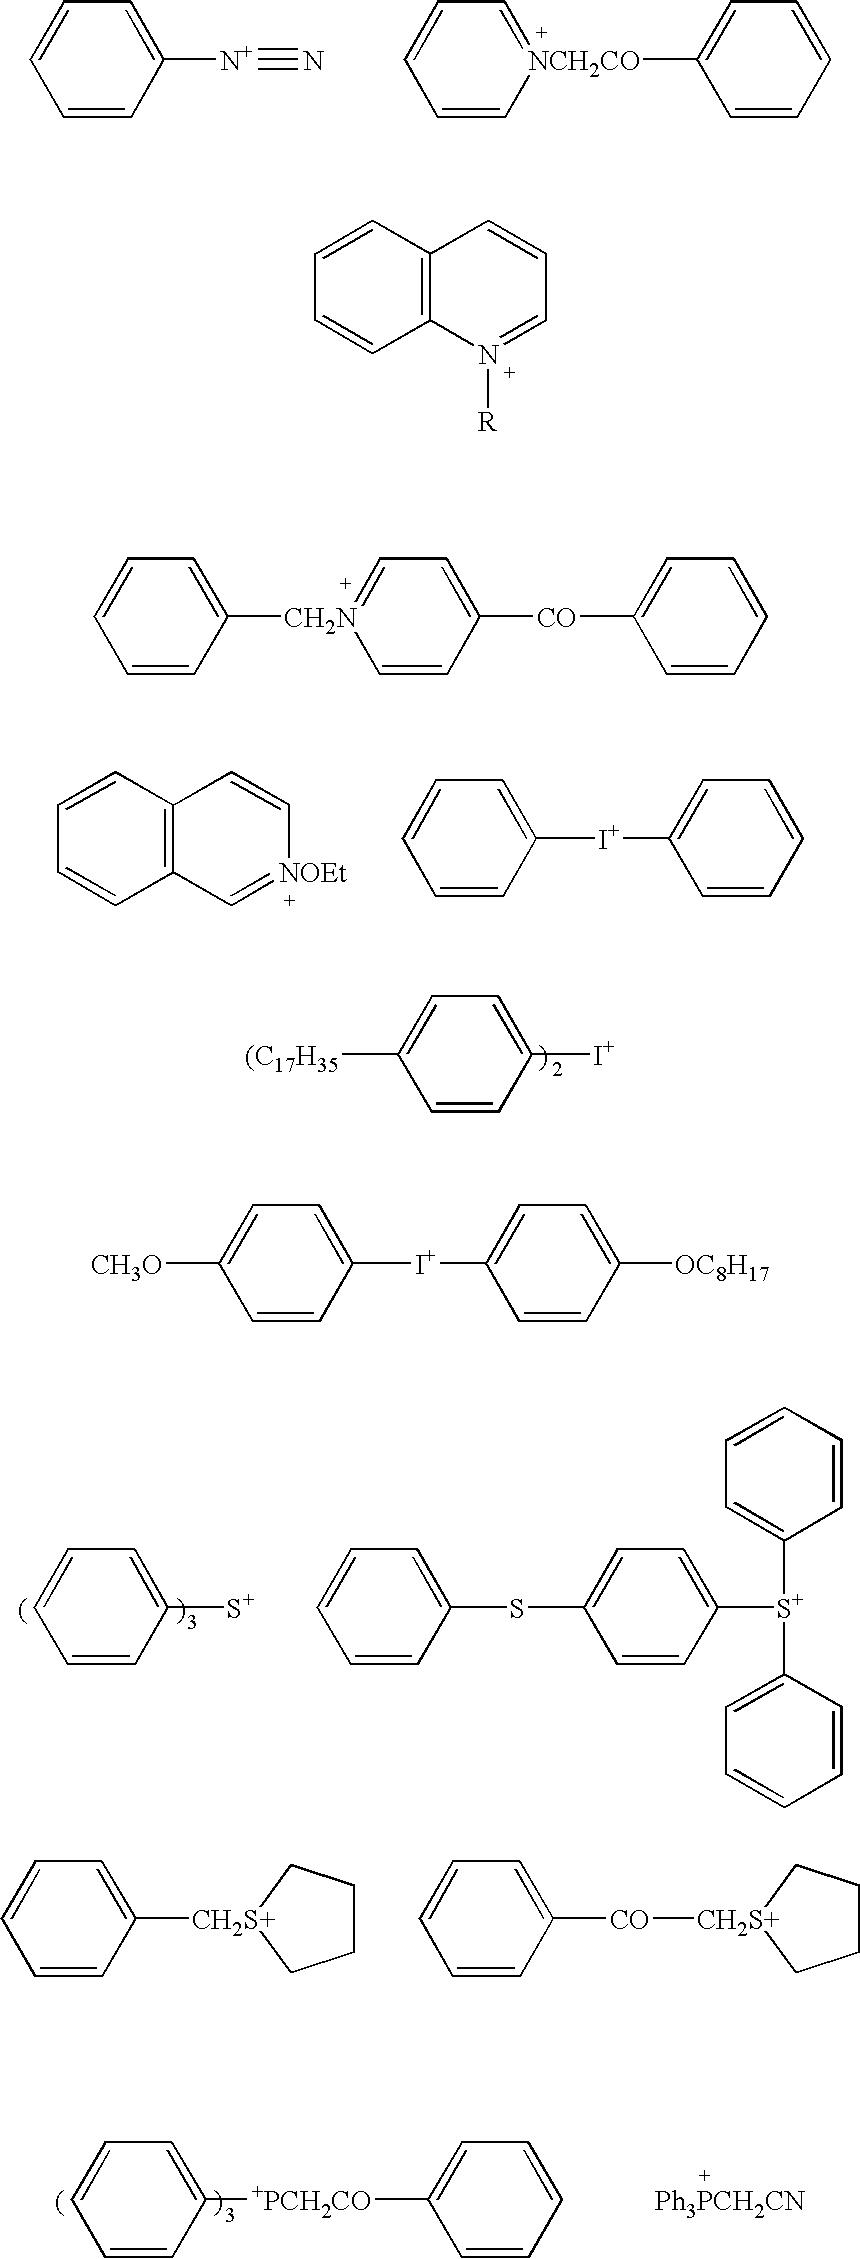 Figure US07495040-20090224-C00024